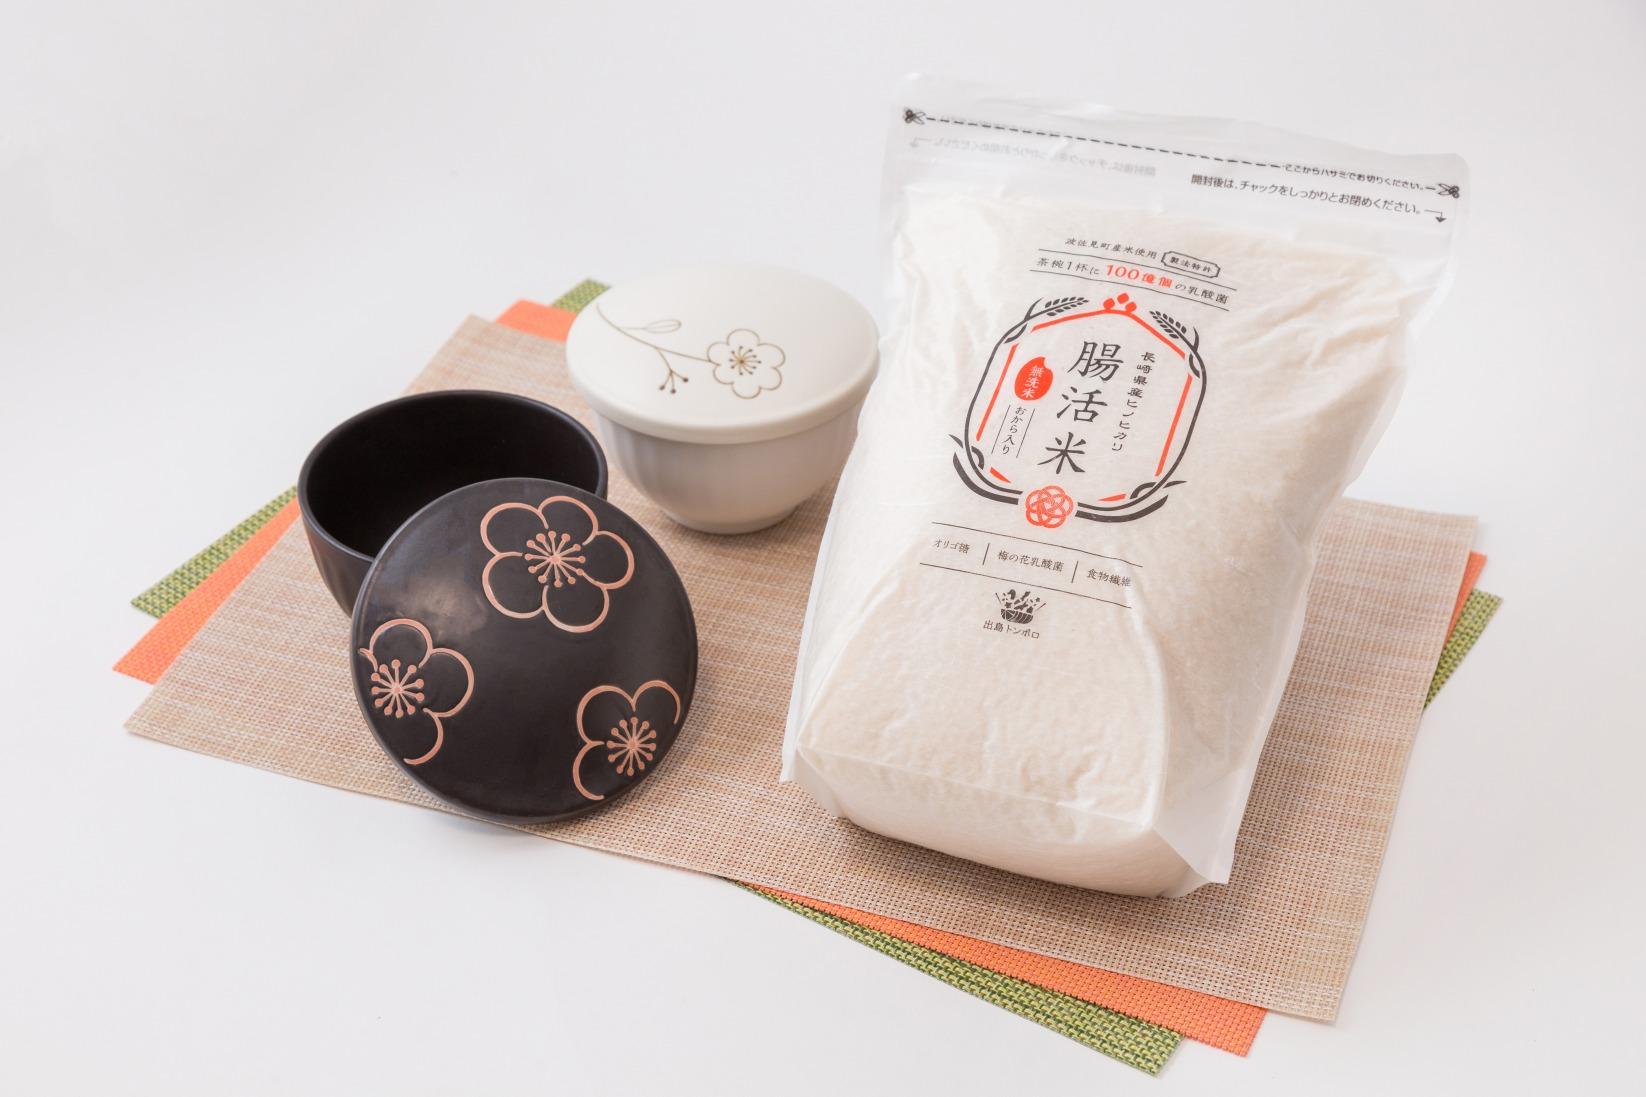 ふるさと納税-【西山×出島トンボロ】腸活米+夫婦茶碗(おひつ)